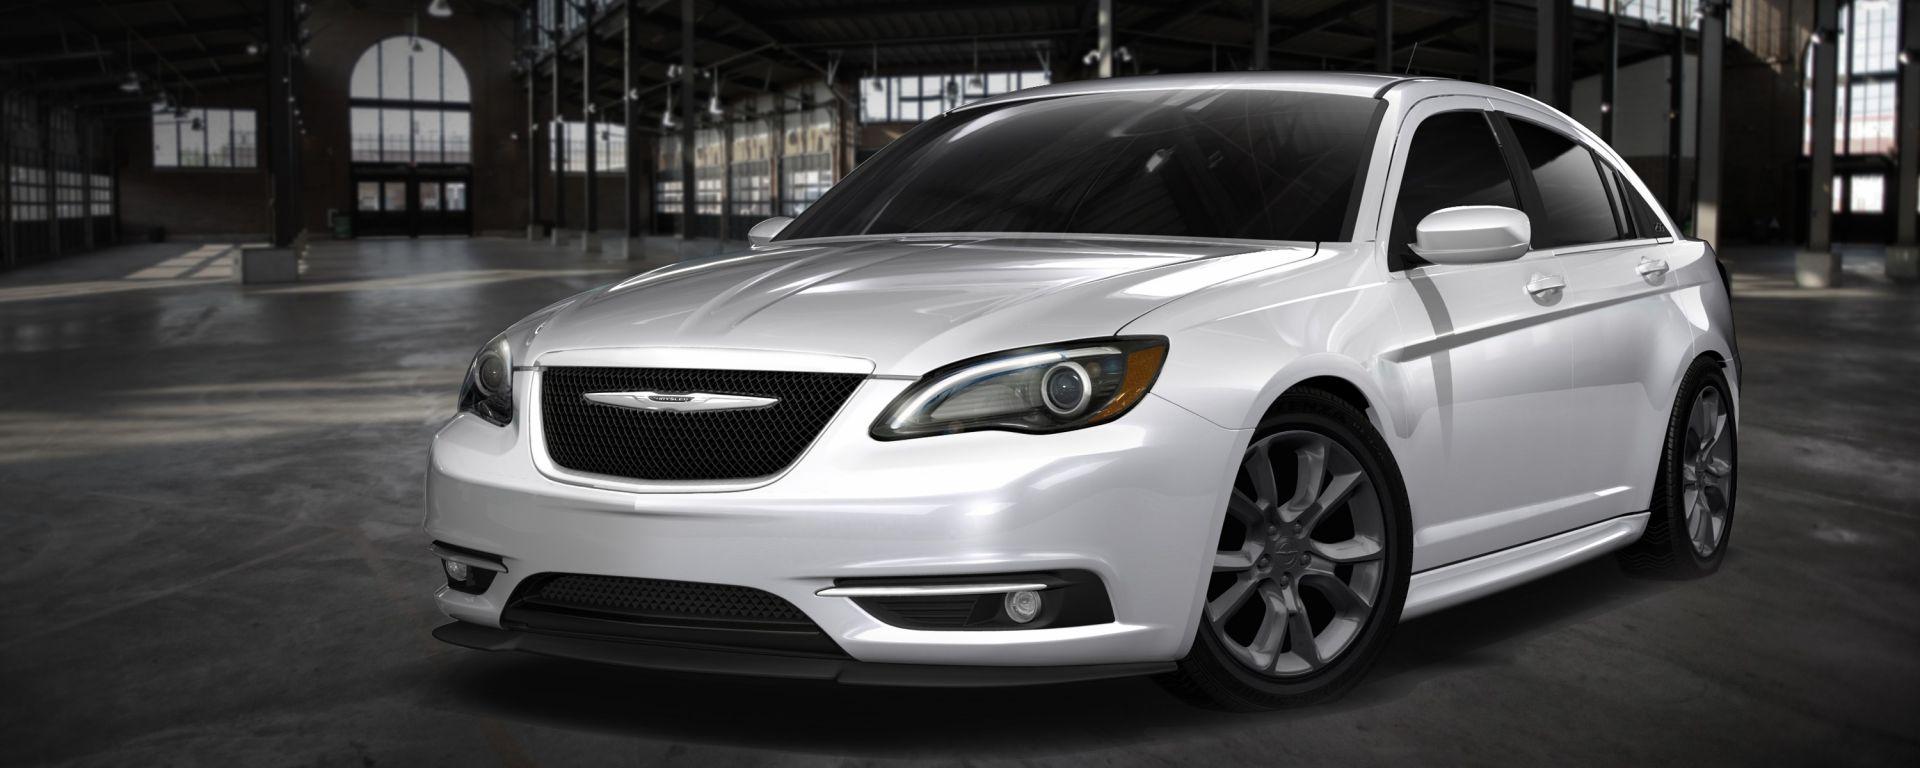 Mopar Chrysler 200 SUPER S